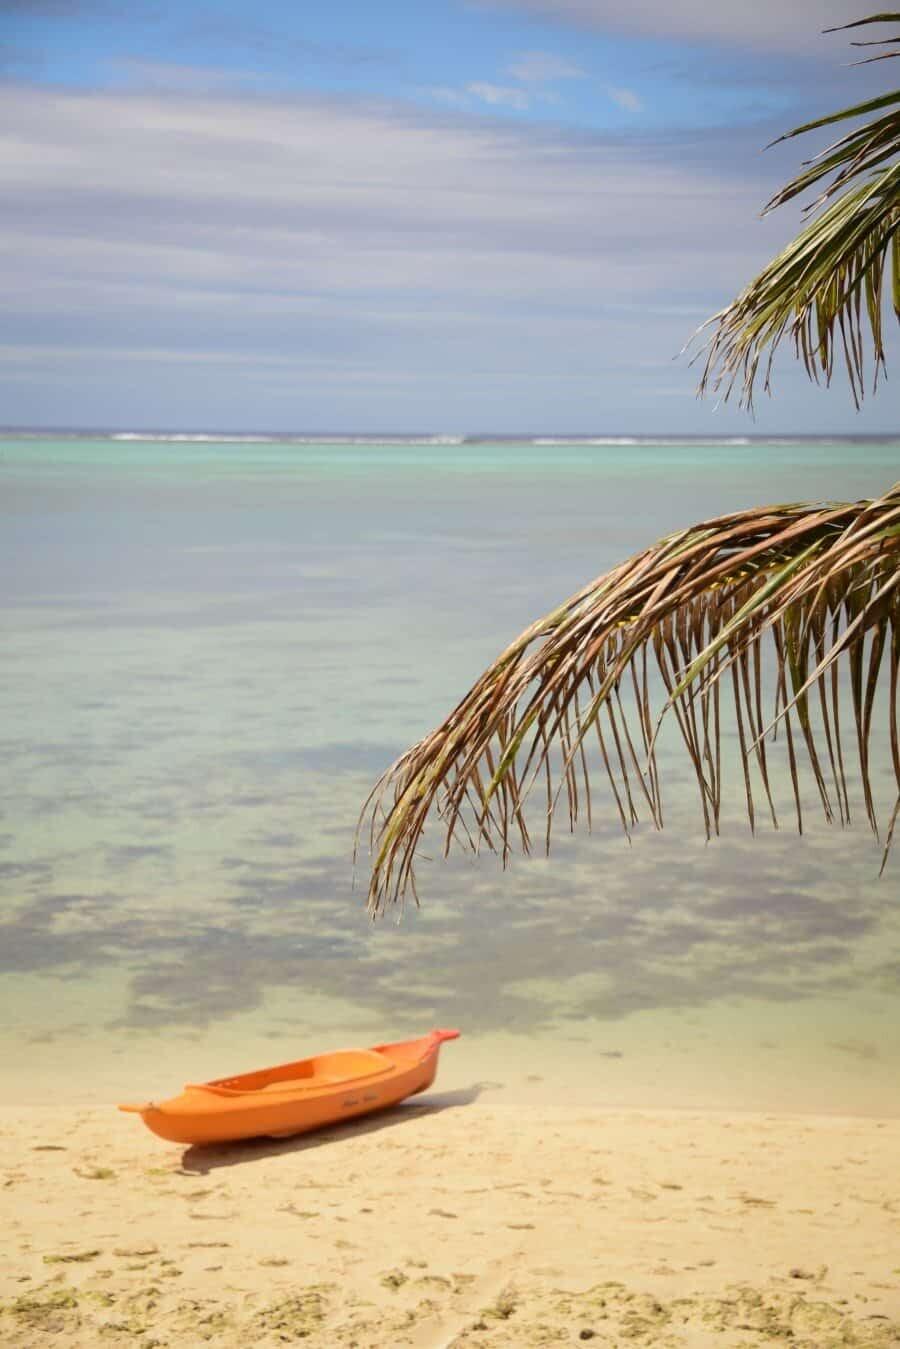 ikurangi-eco-retreat-rarotonga-cook-islands-32